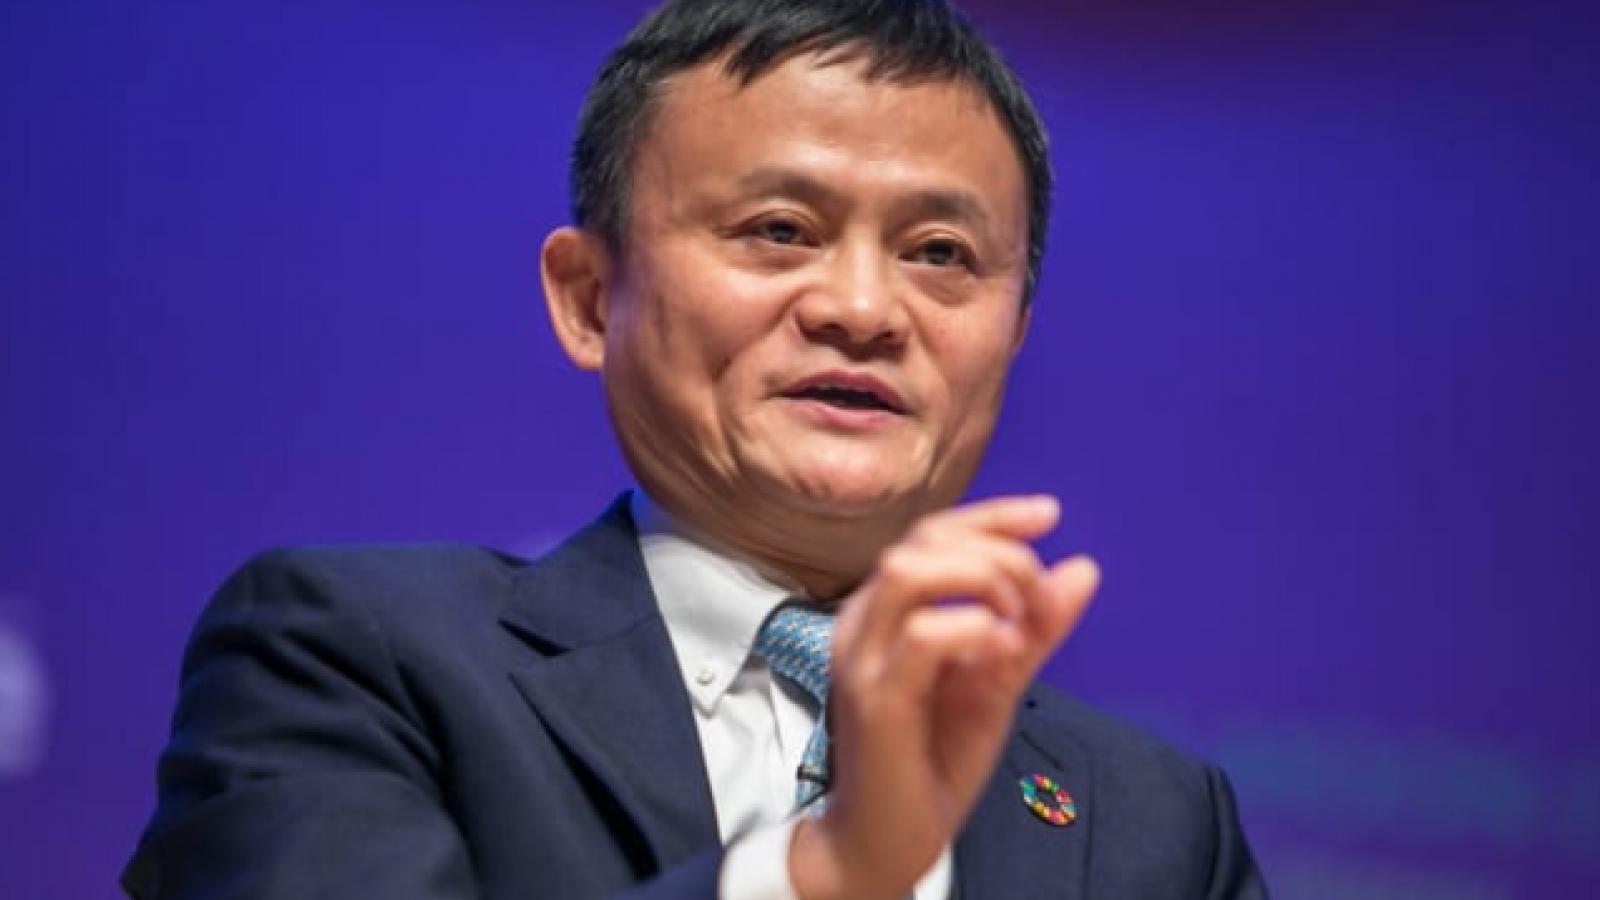 Lợi nhuận của các tỷ phú Trung Quốc tăng hơn 1,5 nghìn tỷ USD, nhiều chưa từng thấy